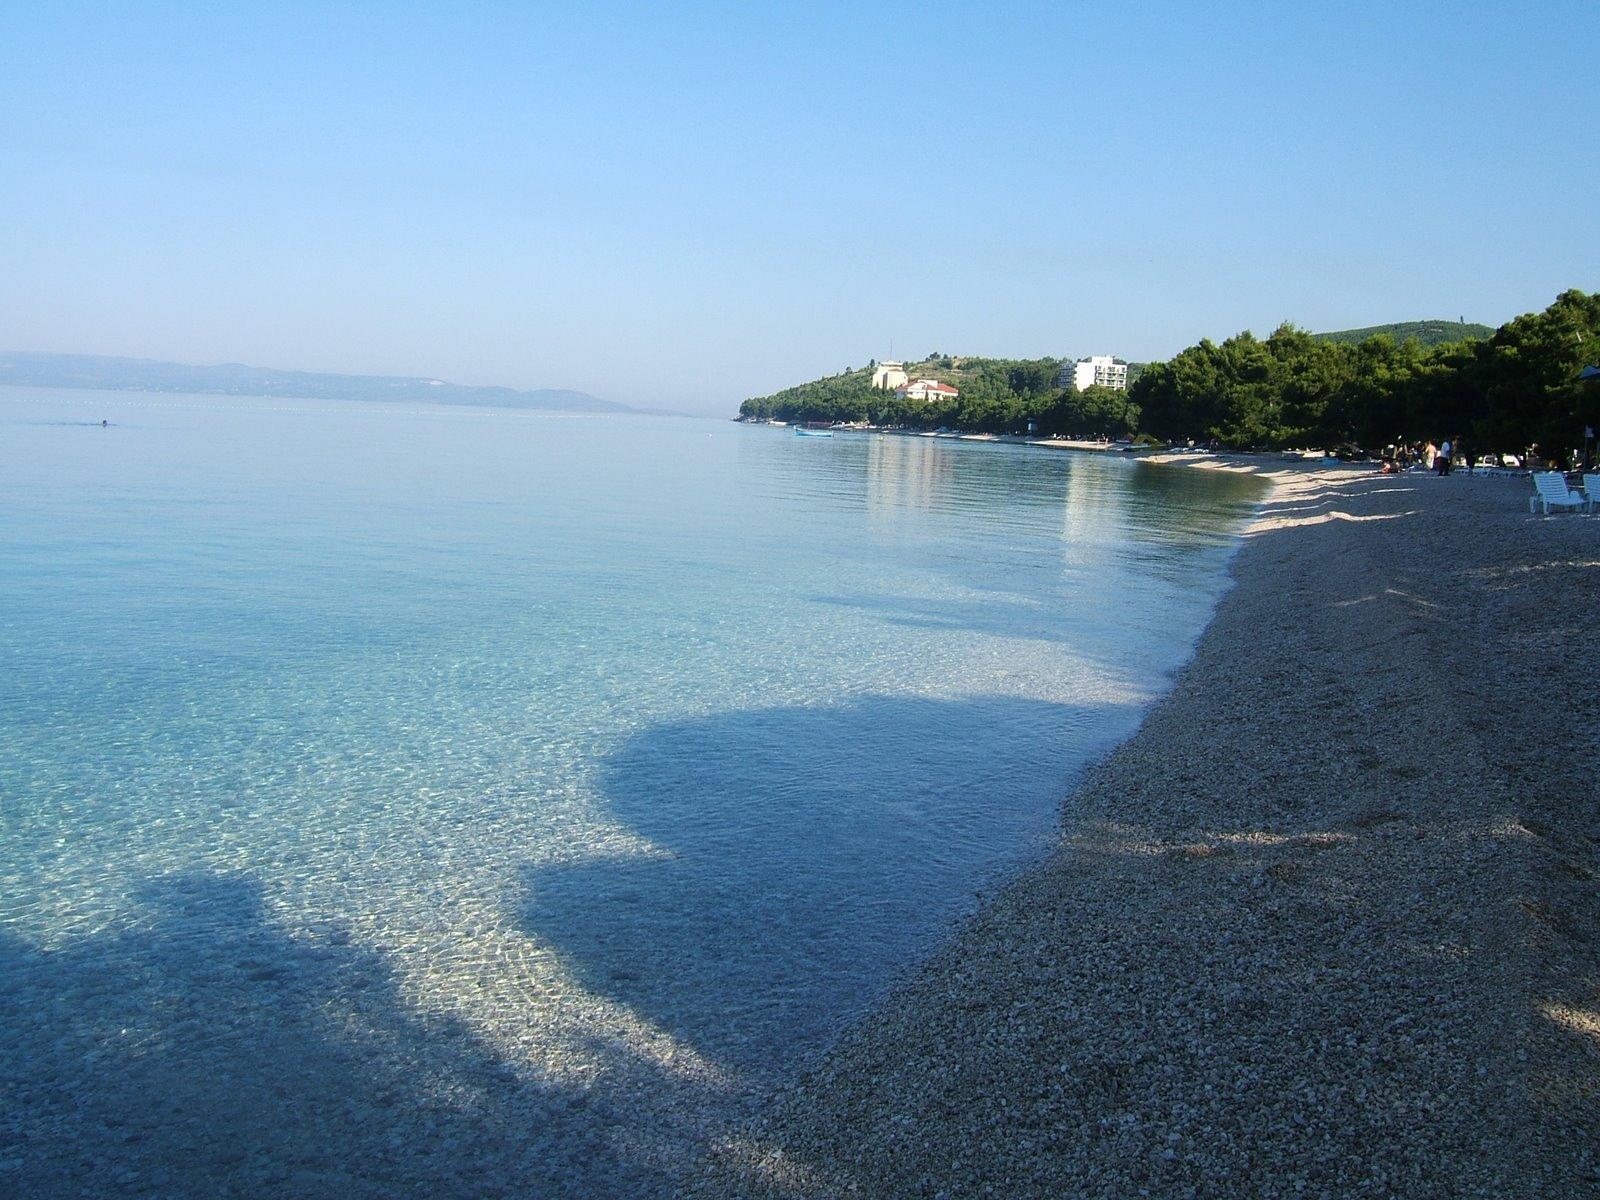 Хорватия, Тучепи, курорт, Адриатическое море, пляж